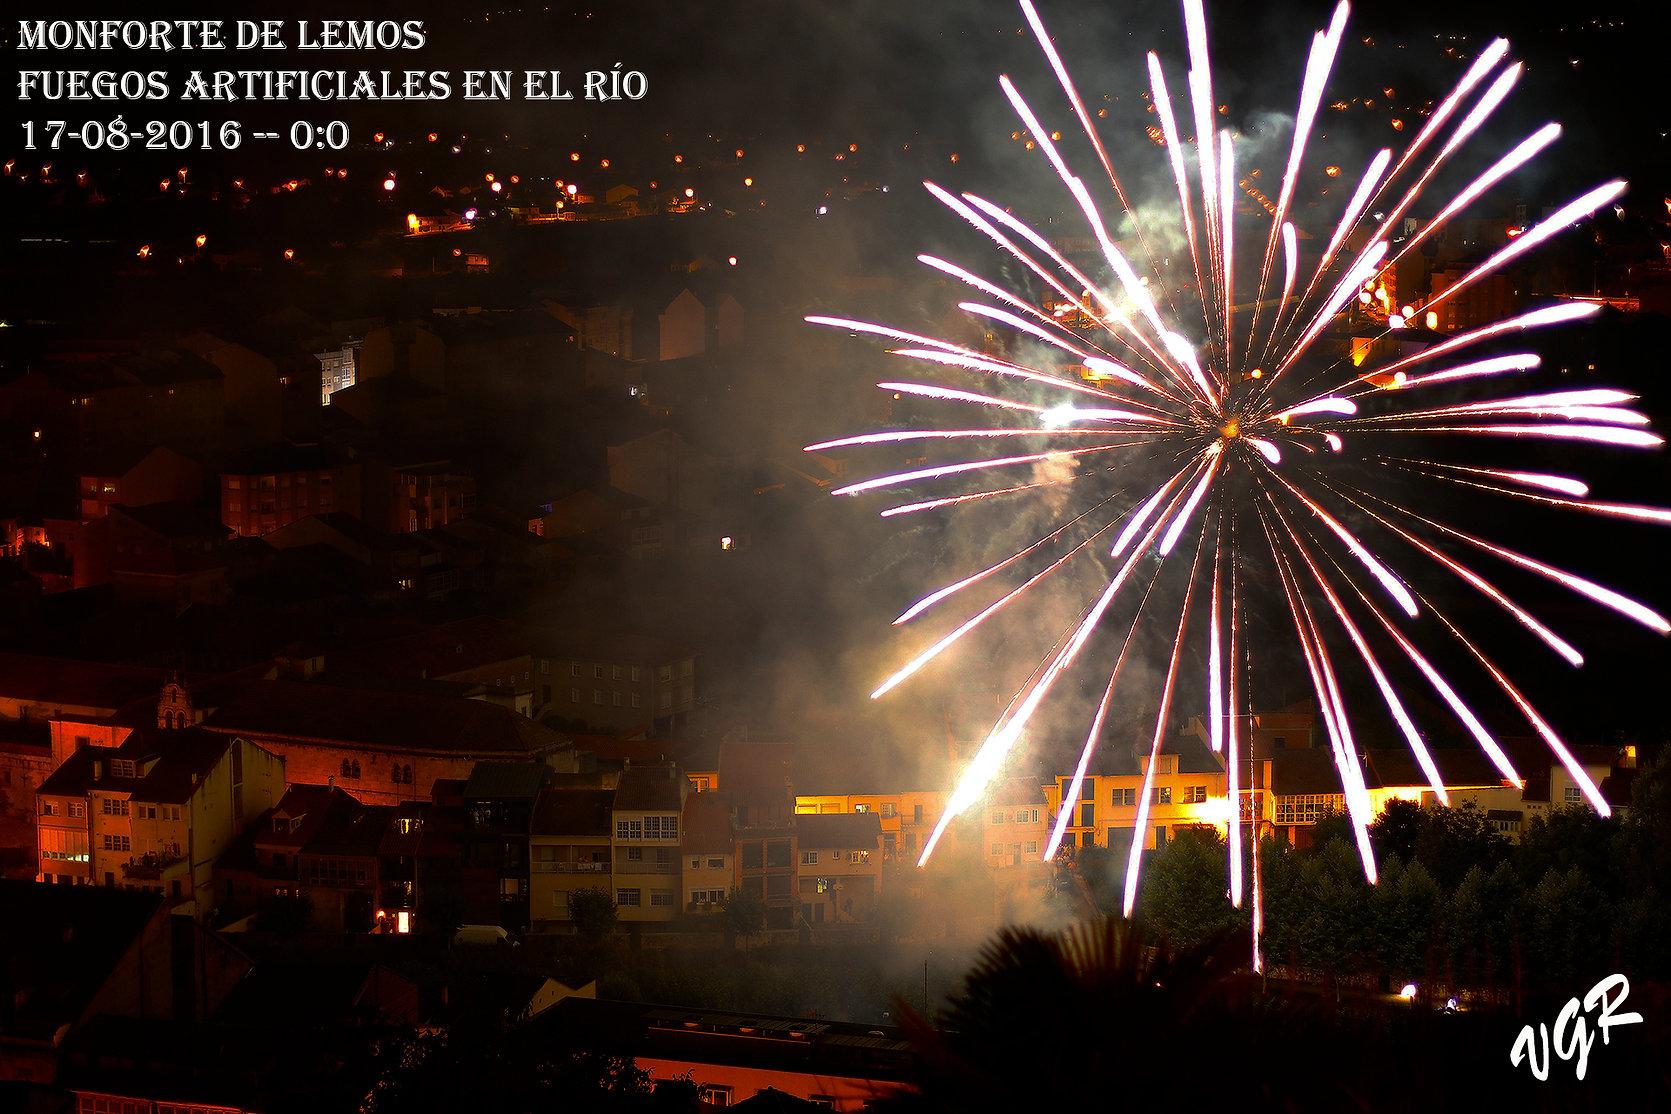 Fuegos-rio-24b.jpg